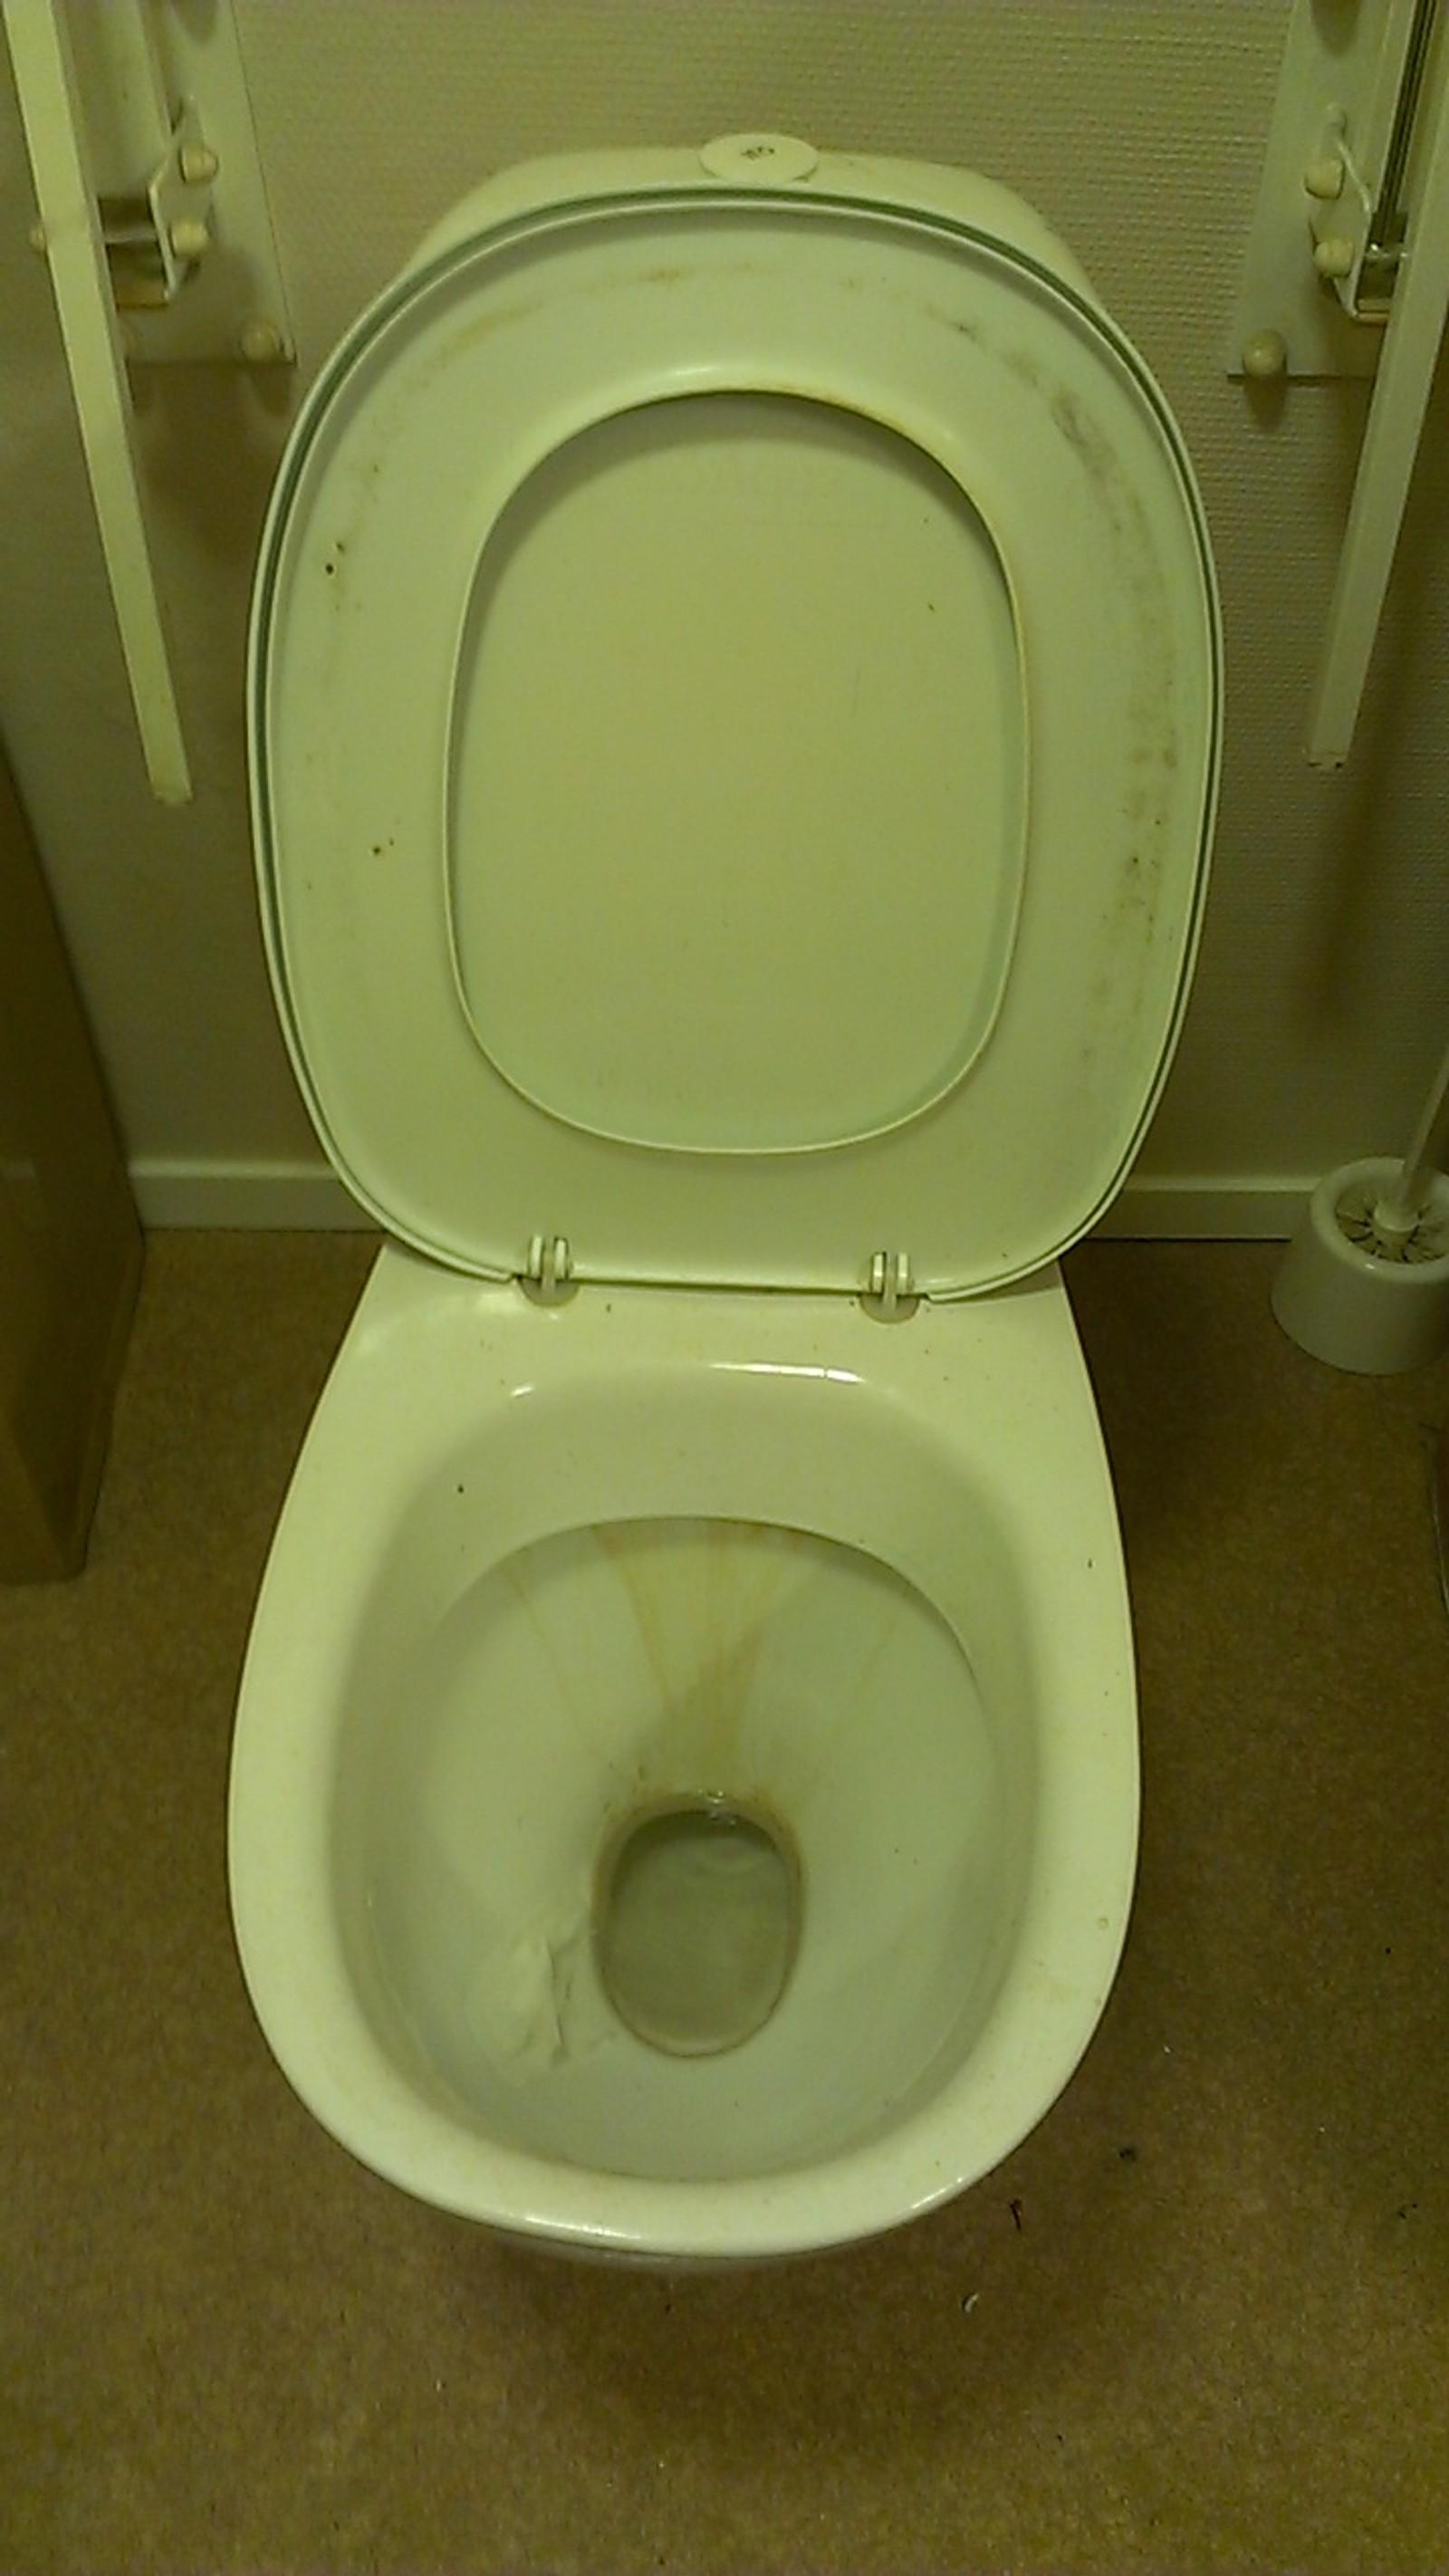 På toalettet i Møre og Romsdal er reinhaldet dårleg.